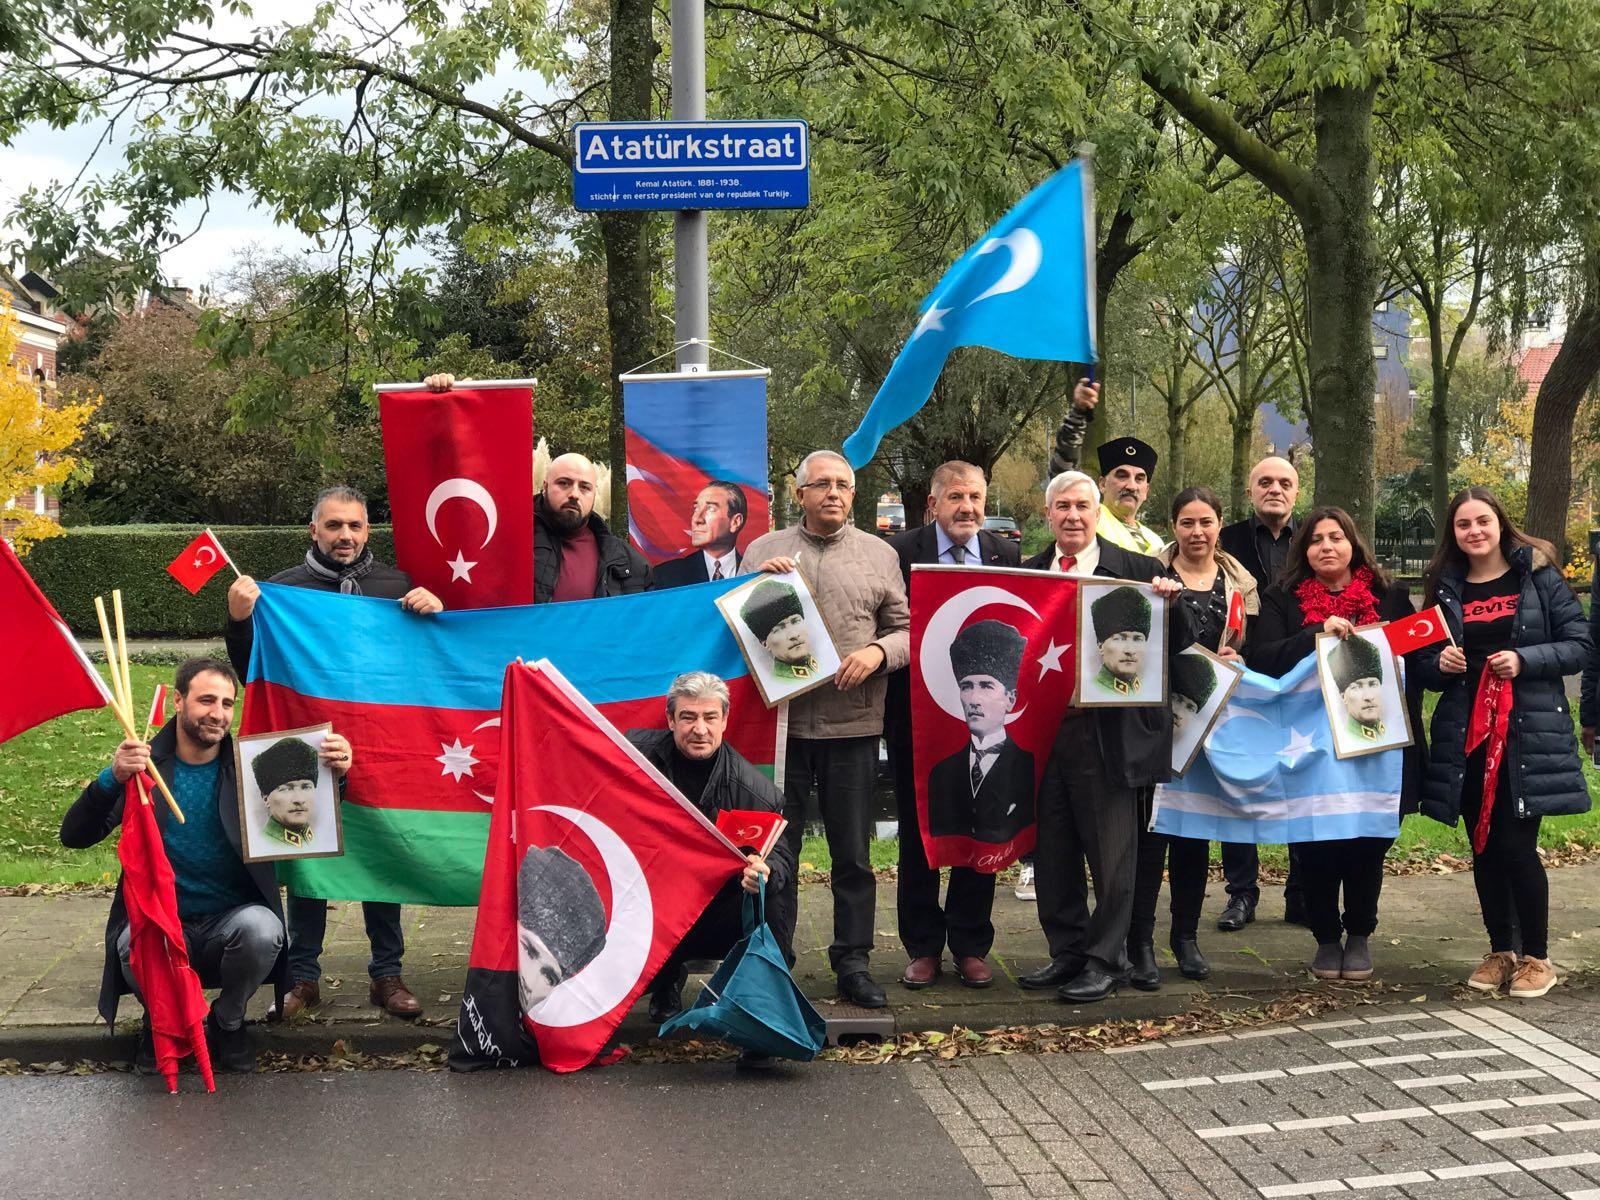 Hollanda Rotterdam'daki Atatürk sokağında anma töreni yapıldı